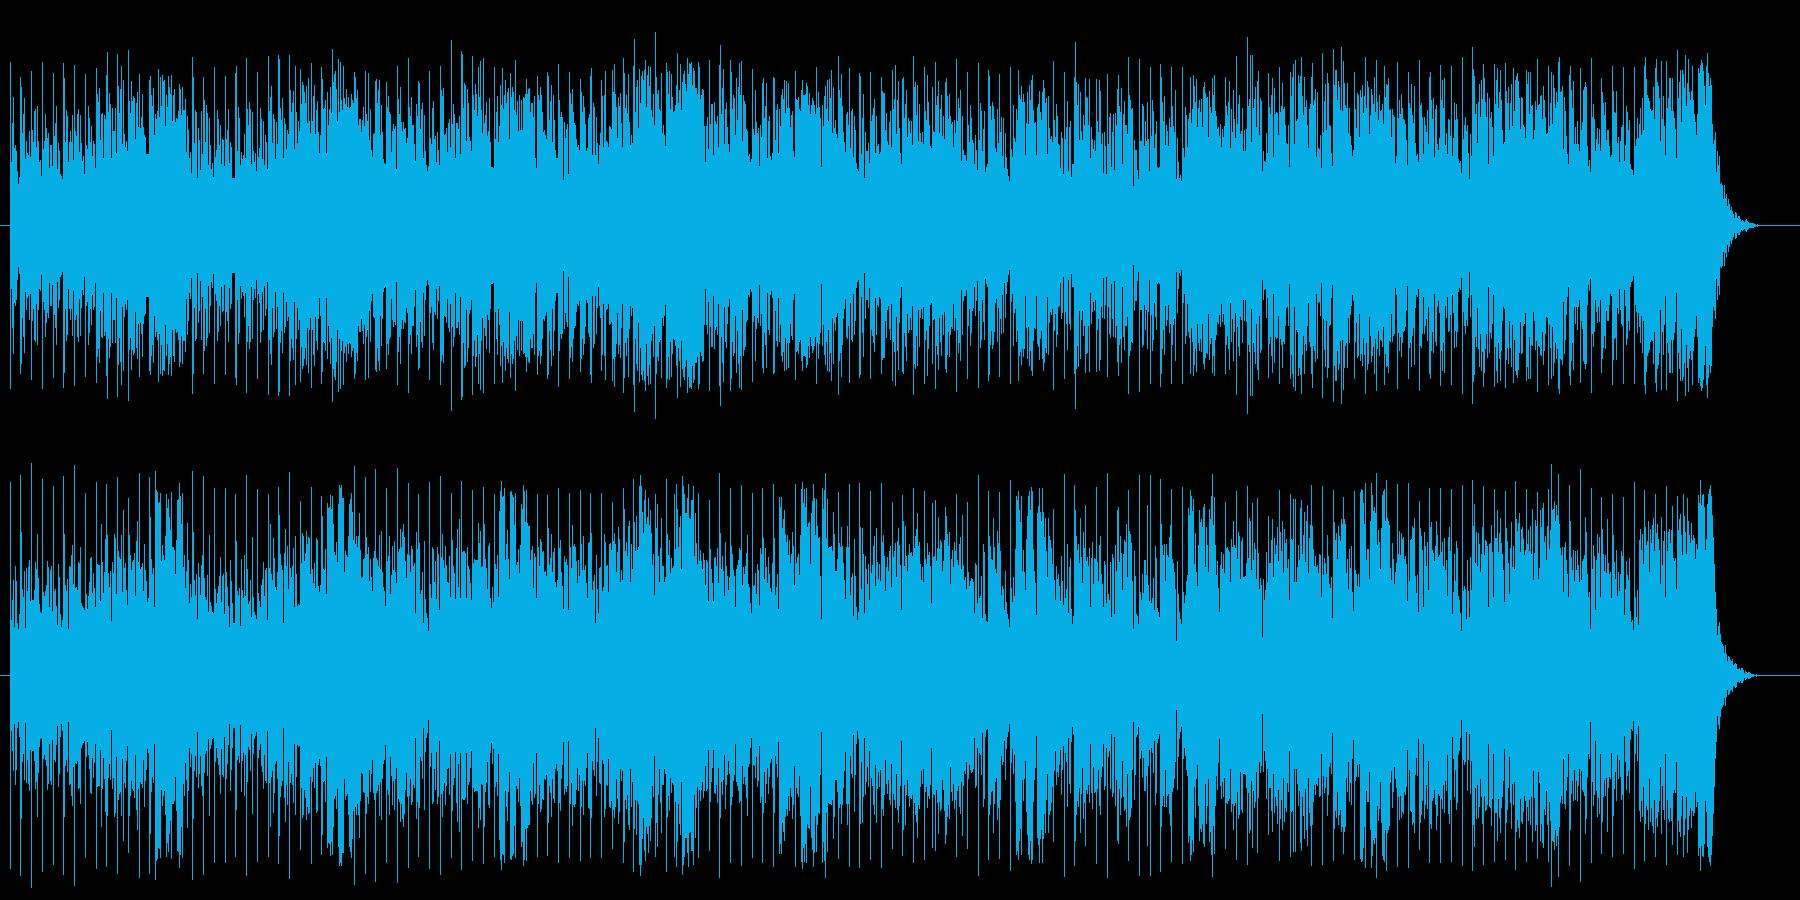 思わず体を動かしたくなるミュージックの再生済みの波形